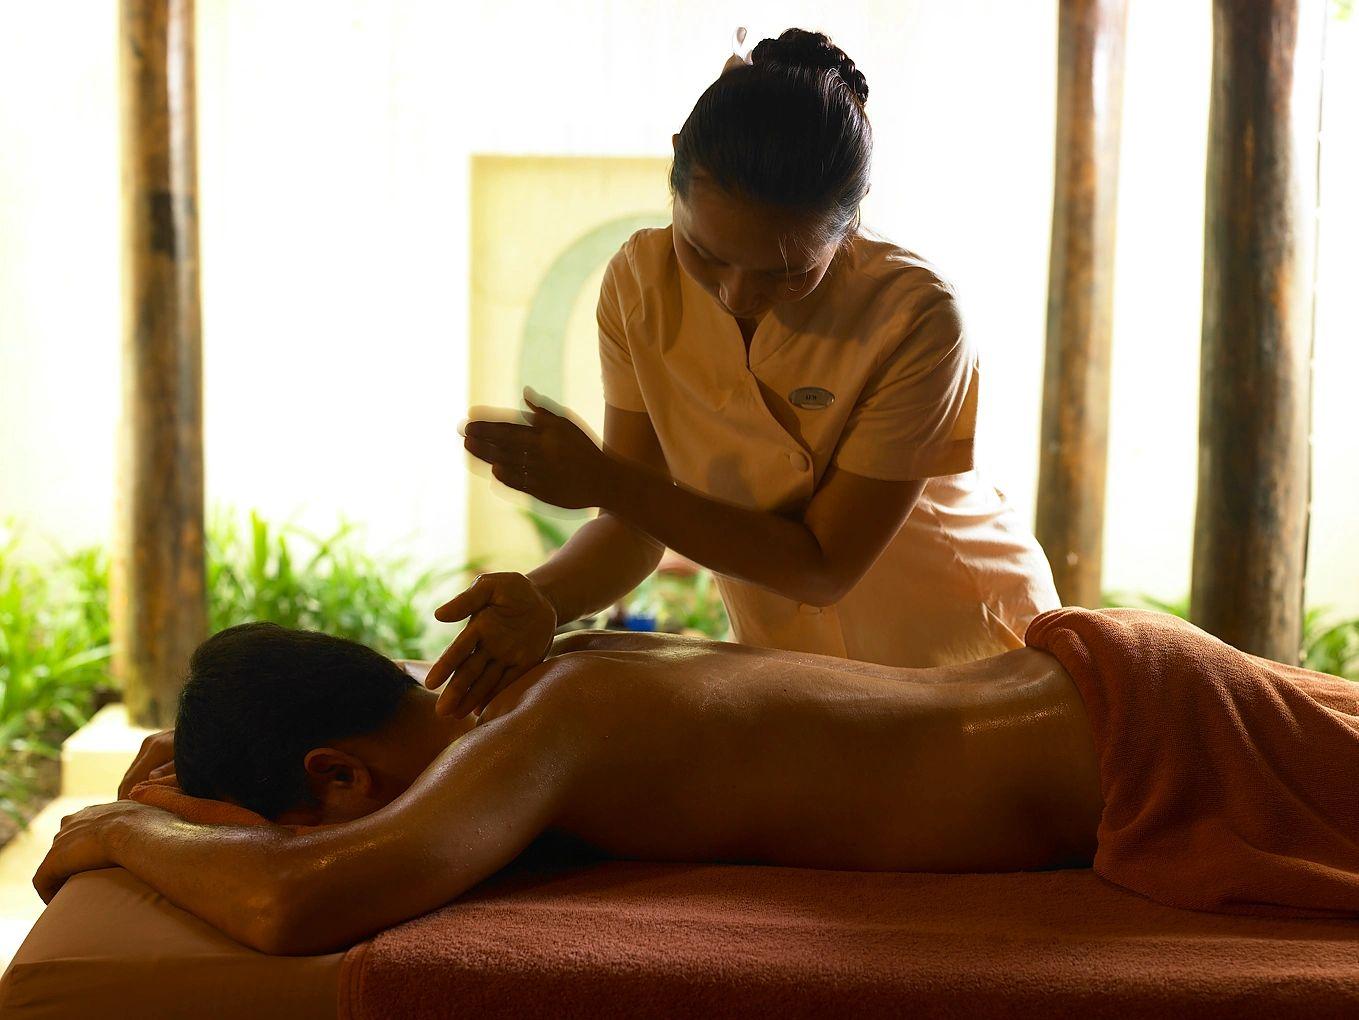 Gitta my first massage experience